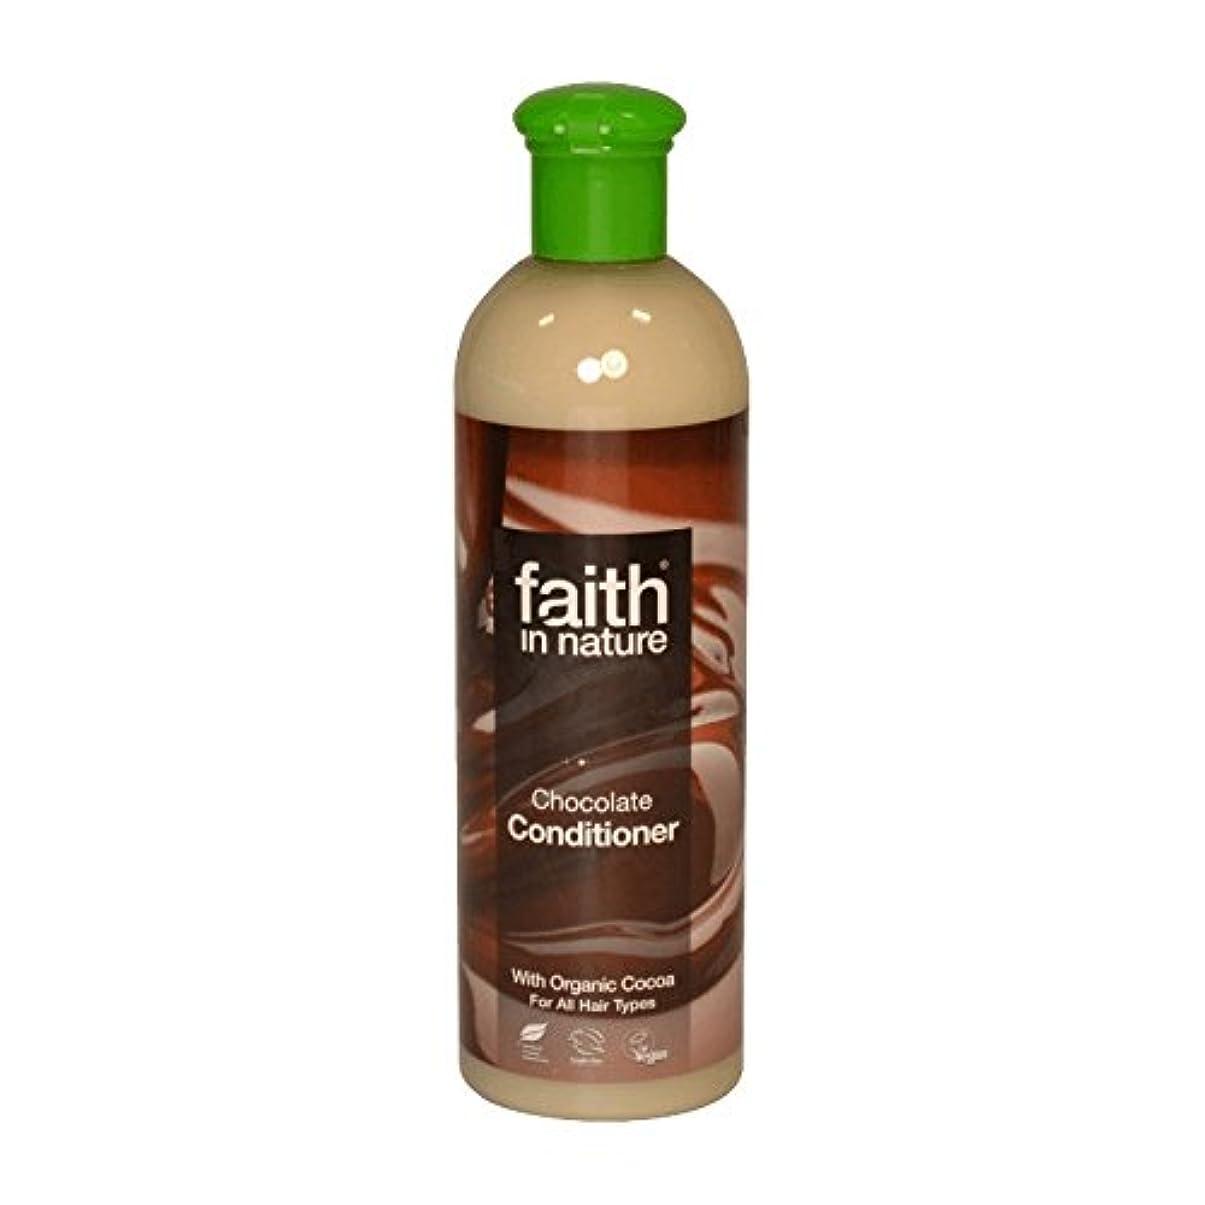 マネージャー手伝うディンカルビル自然チョコレートコンディショナー400ミリリットルの信仰 - Faith In Nature Chocolate Conditioner 400ml (Faith in Nature) [並行輸入品]